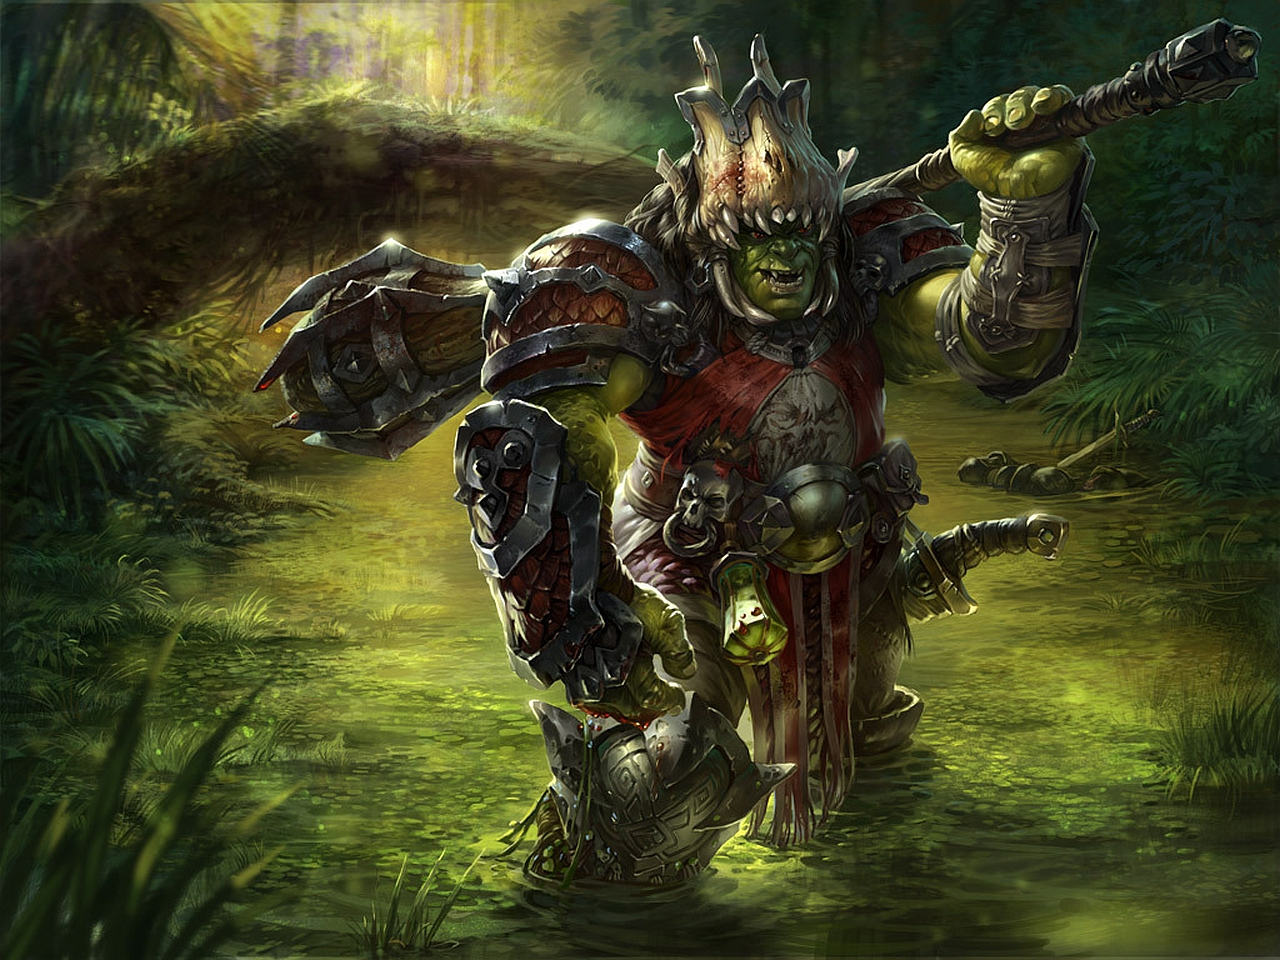 Fantasy   Orc Wallpaper 1280x960